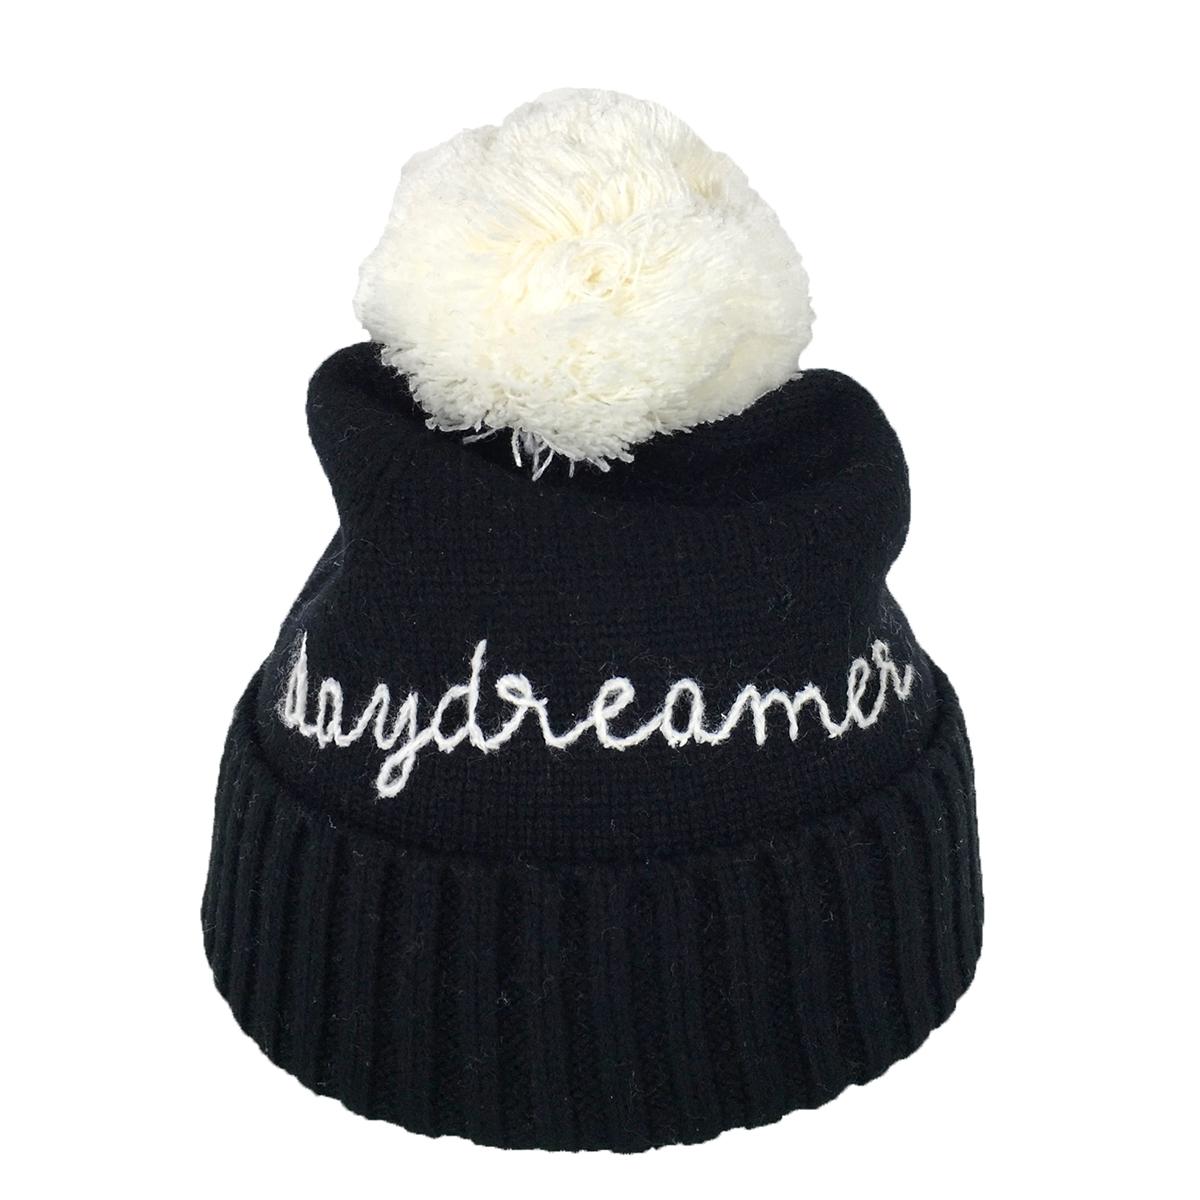 1879477c1 Kate Spade Daydreamer Pom Pom Beanie Hat, Black/Cream